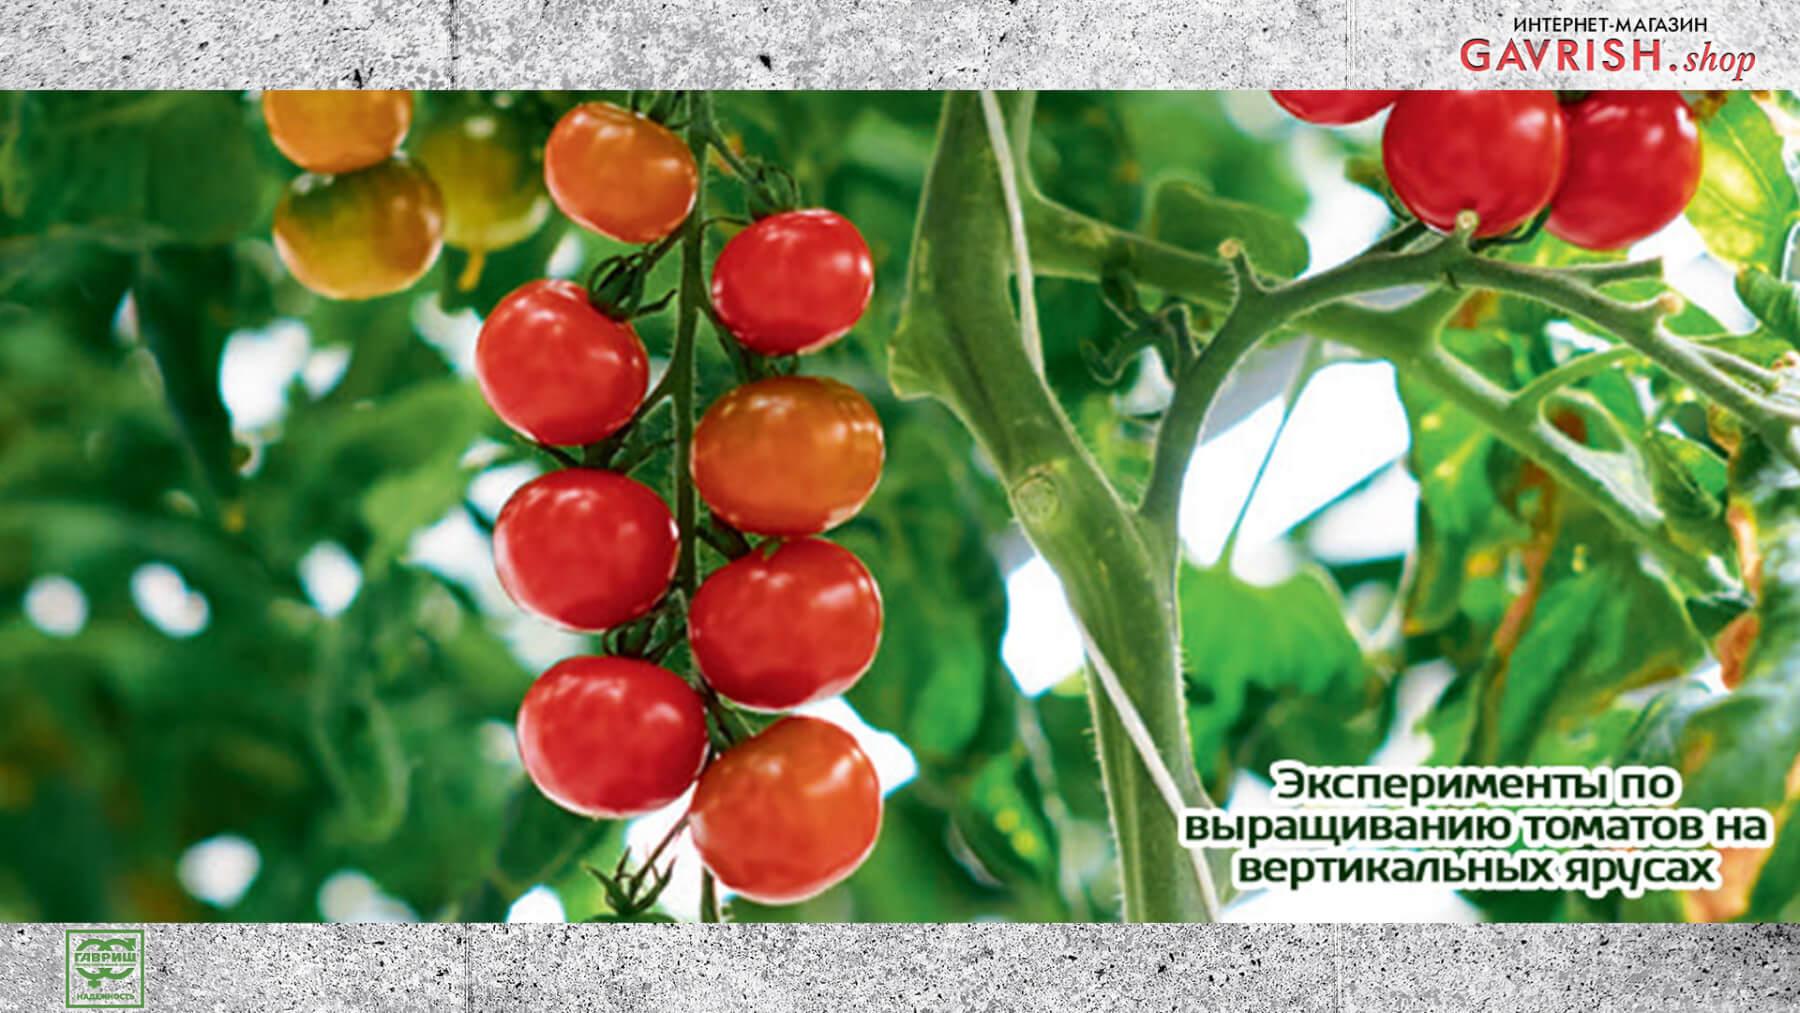 Эксперименты по выращиванию томатов на вертикальных ярусах. Фото: Ника Селезнева